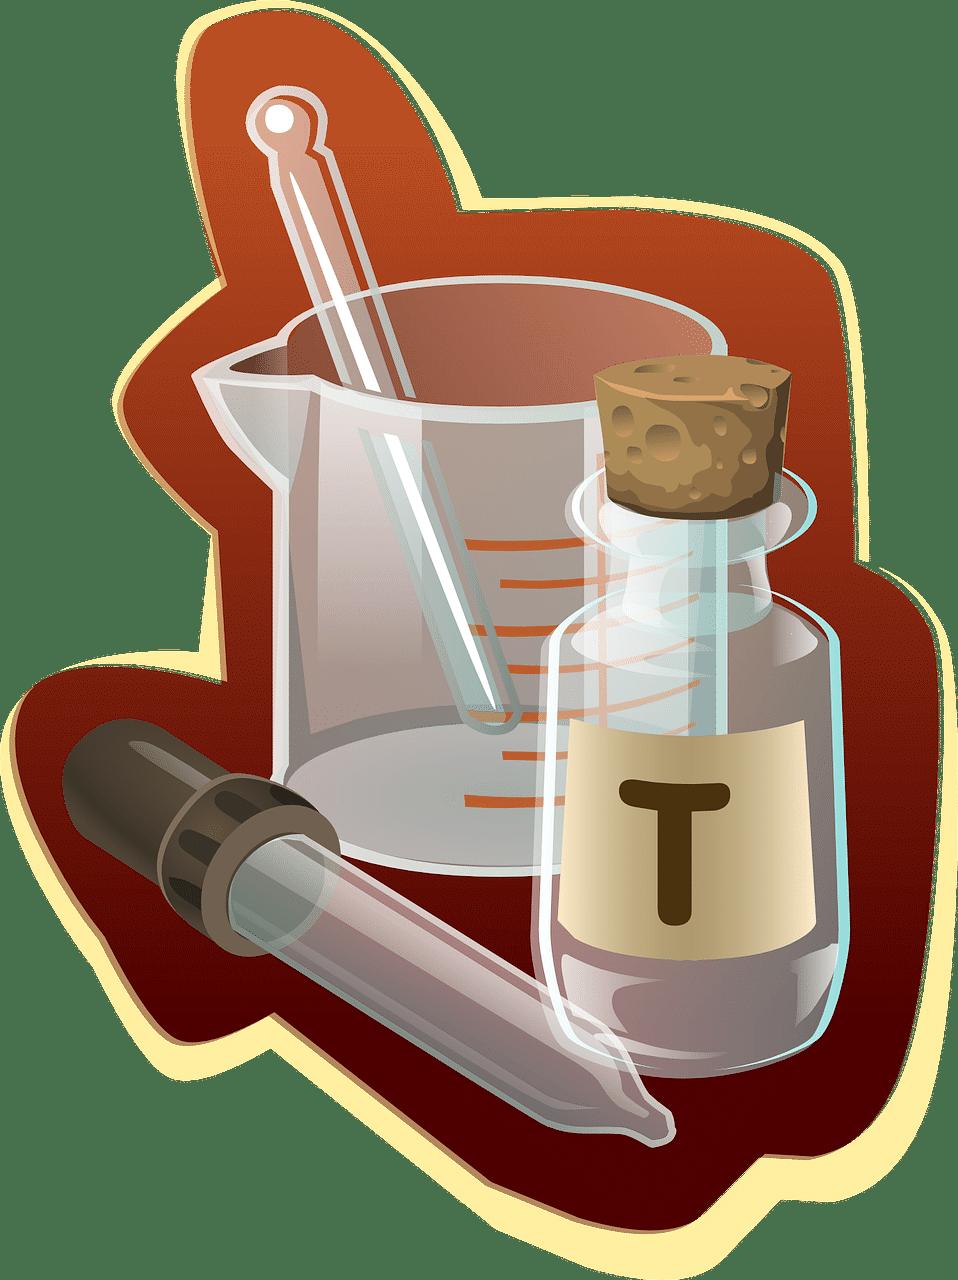 fixation avec le scellement chimique